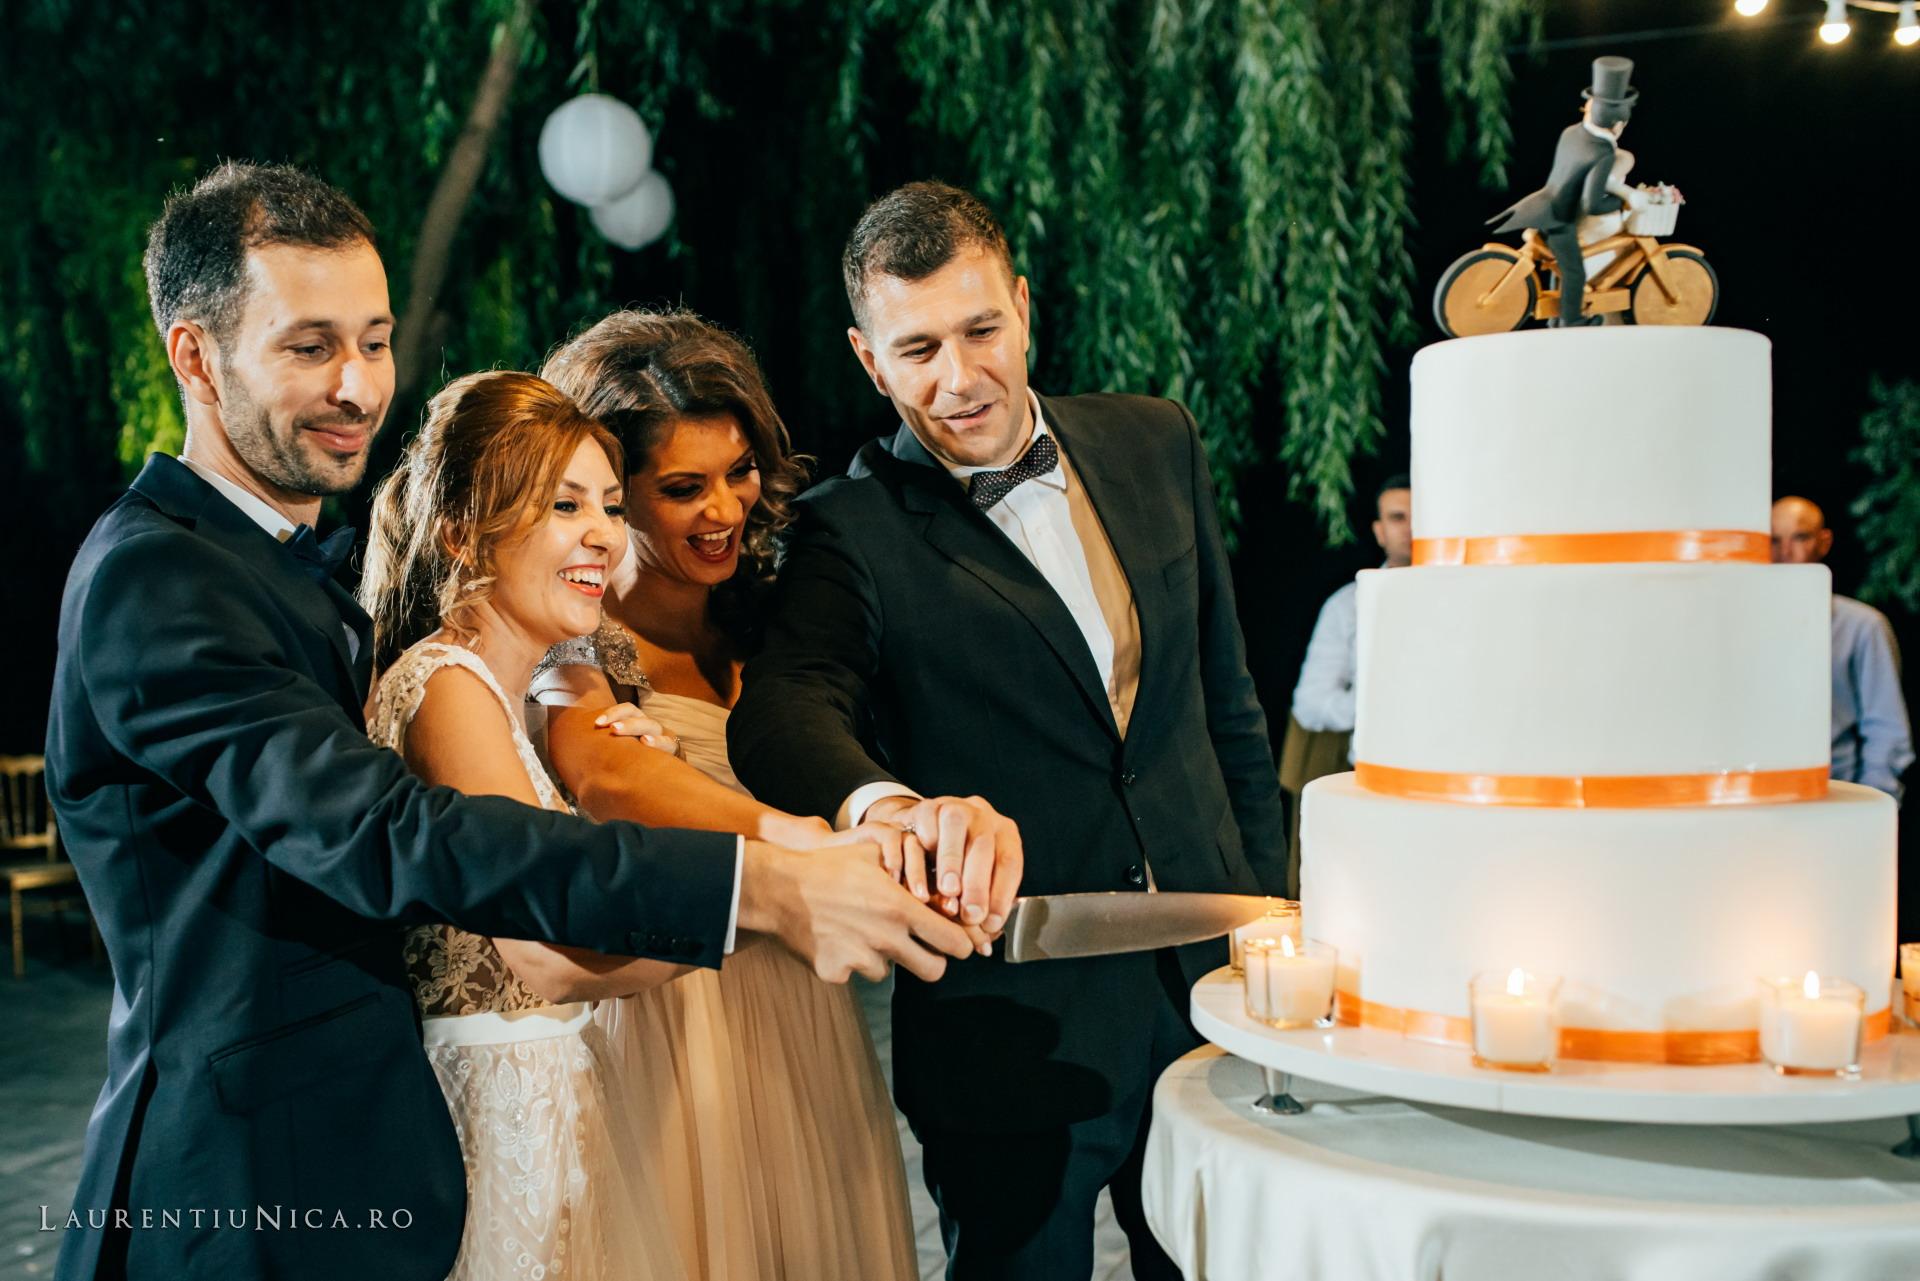 carolina si sorin craiova fotograf nunta laurentiu nica78 - Carolina & Sorin | Fotografii nunta